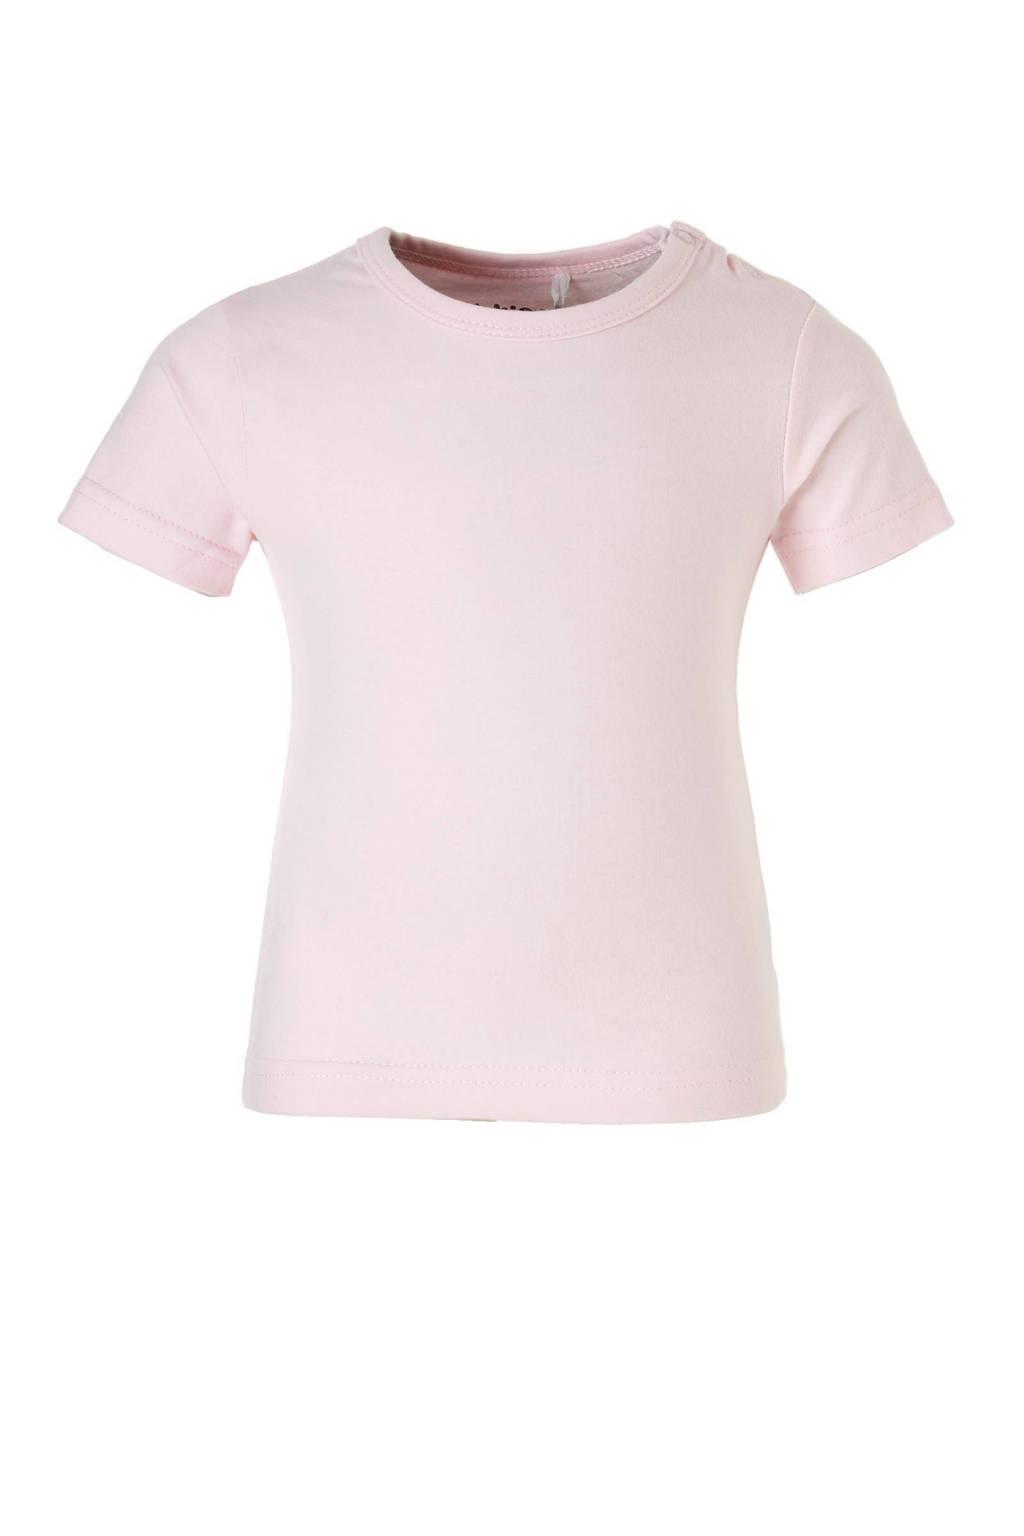 Dirkje T-shirt, Licht roze, Korte mouw